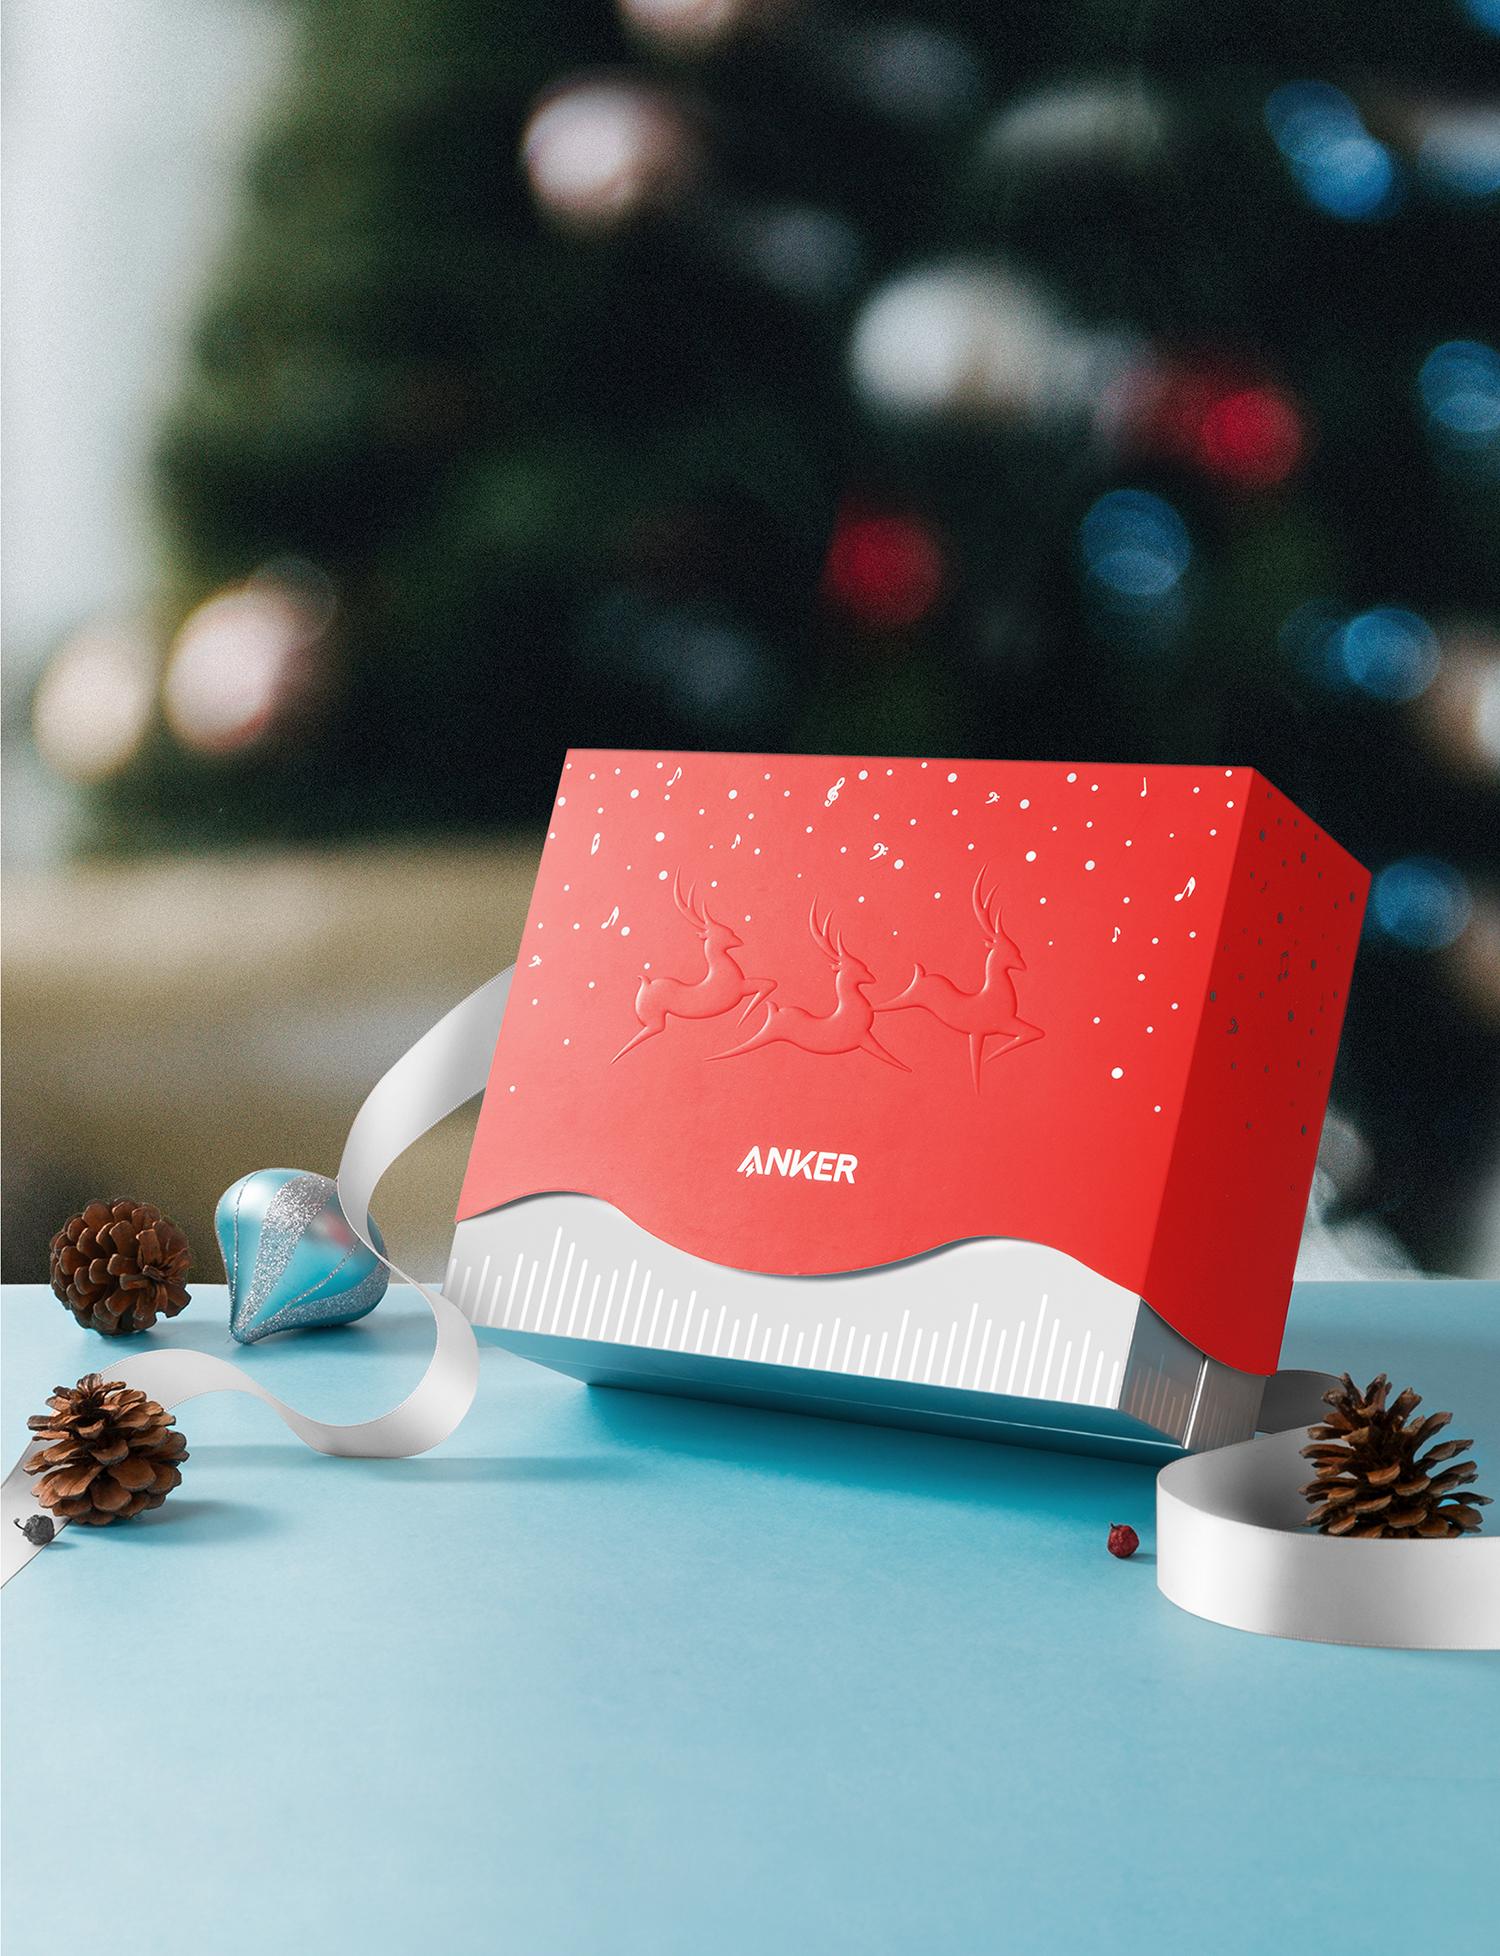 Concours : remportez une enceinte portable et un chargeur multi-USB avec Anker et FrAndroid